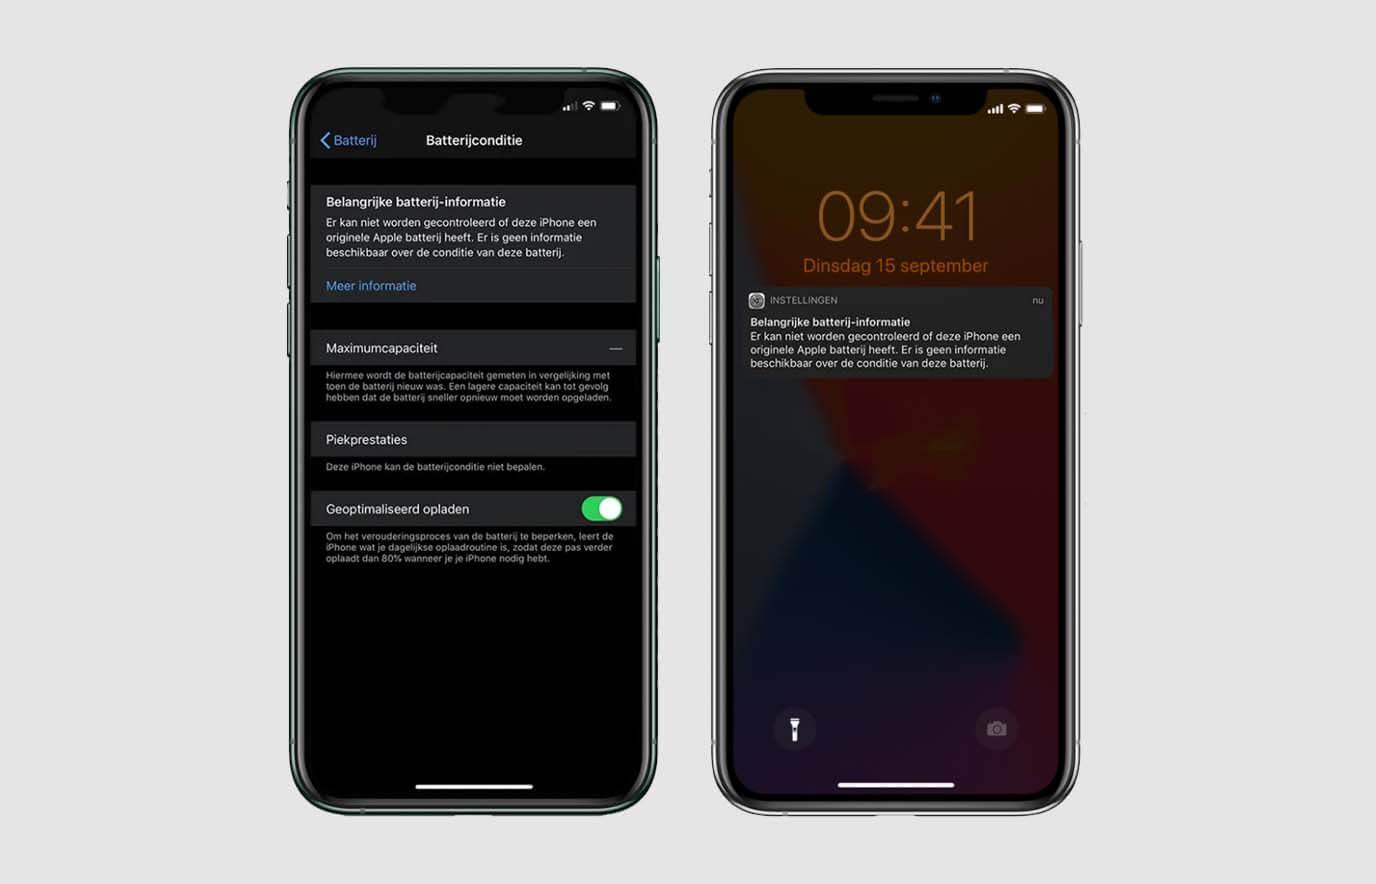 Batterij- of beeldschermmelding bij refurbished iPhone